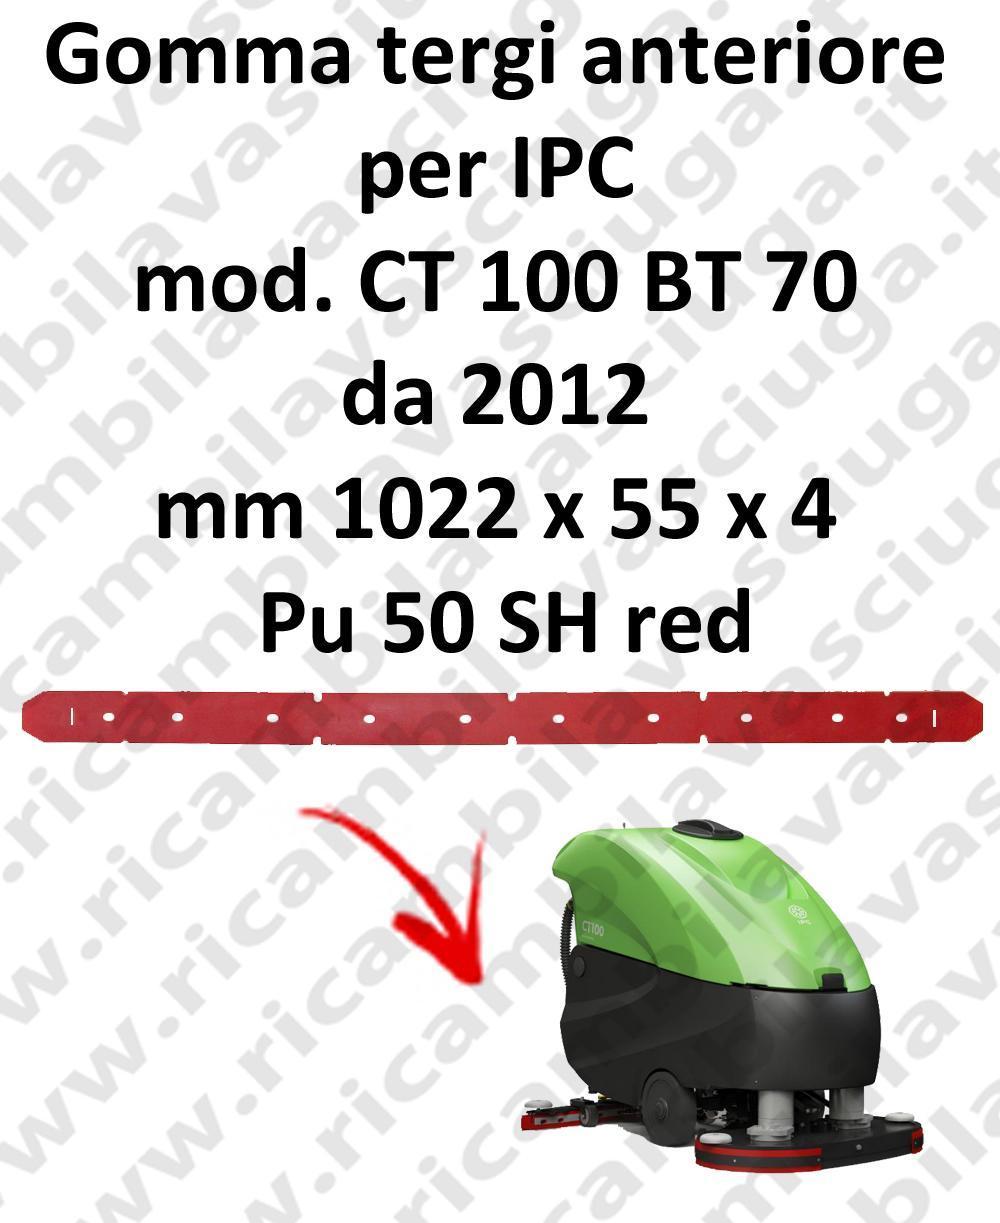 CT 100 BT 70 apartir de 2012 BAVETTE AVANT pour IPC